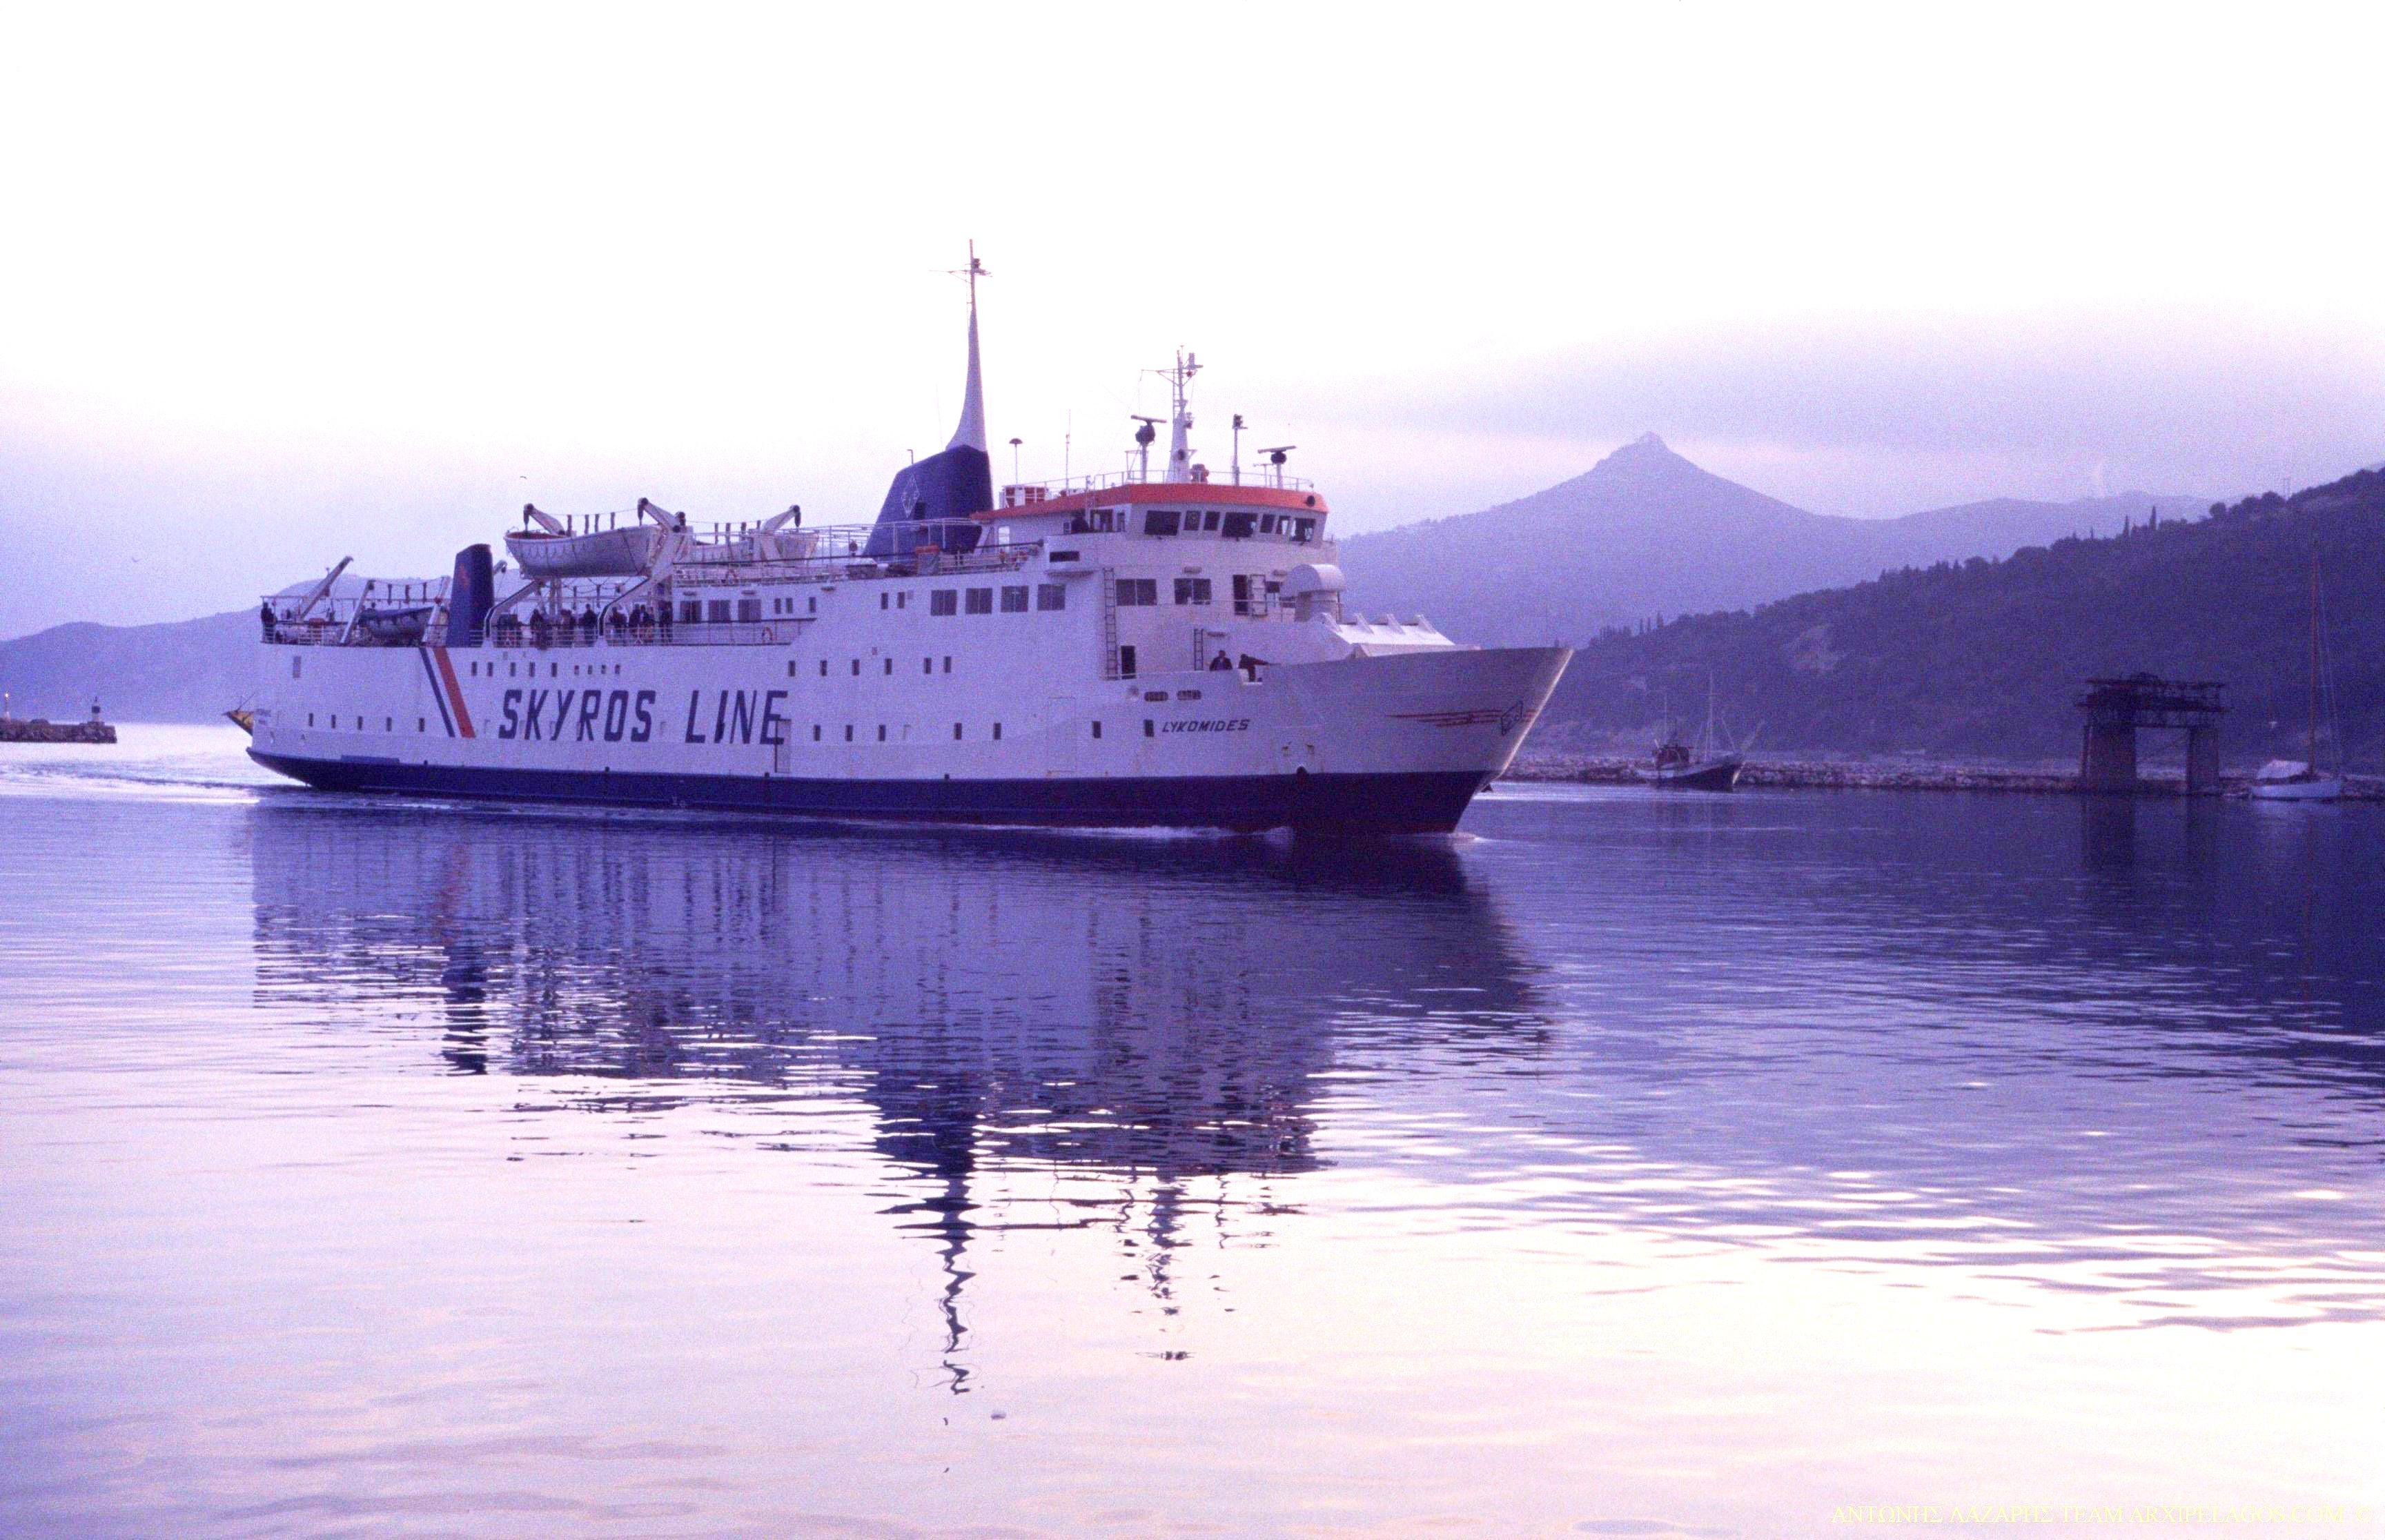 Σκύρος, Πατρικό, Νέλλη, Αλέξης, παραδοσιακές κατοικίες, διαμονή, διαμέρισμα, ενοικιαζόμενα, δωμάτια, επιπλωμένα, εξοπλισμένα, πλοίο, ferry boat, Κύμη, Skyros Line, Αχιλλέας